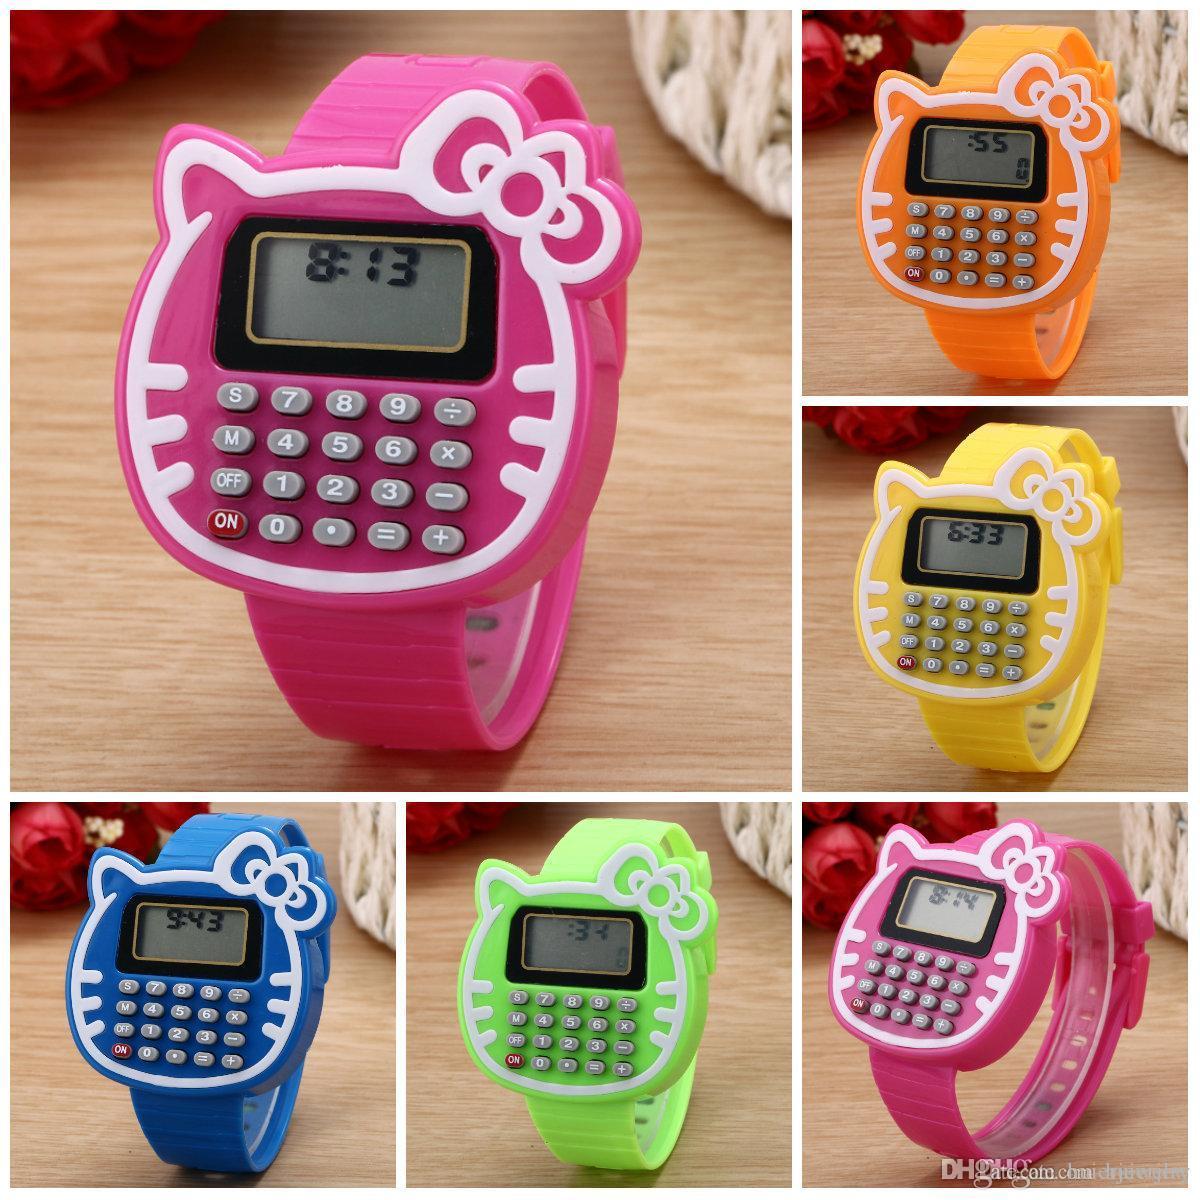 Relógios Para Crianças 2016 Novo Relogio Relógio Meninas Relógio Digital LED Relógio De Silicone Esportes data Multifuncional Crianças Relógios Calculadora Relógio de Pulso